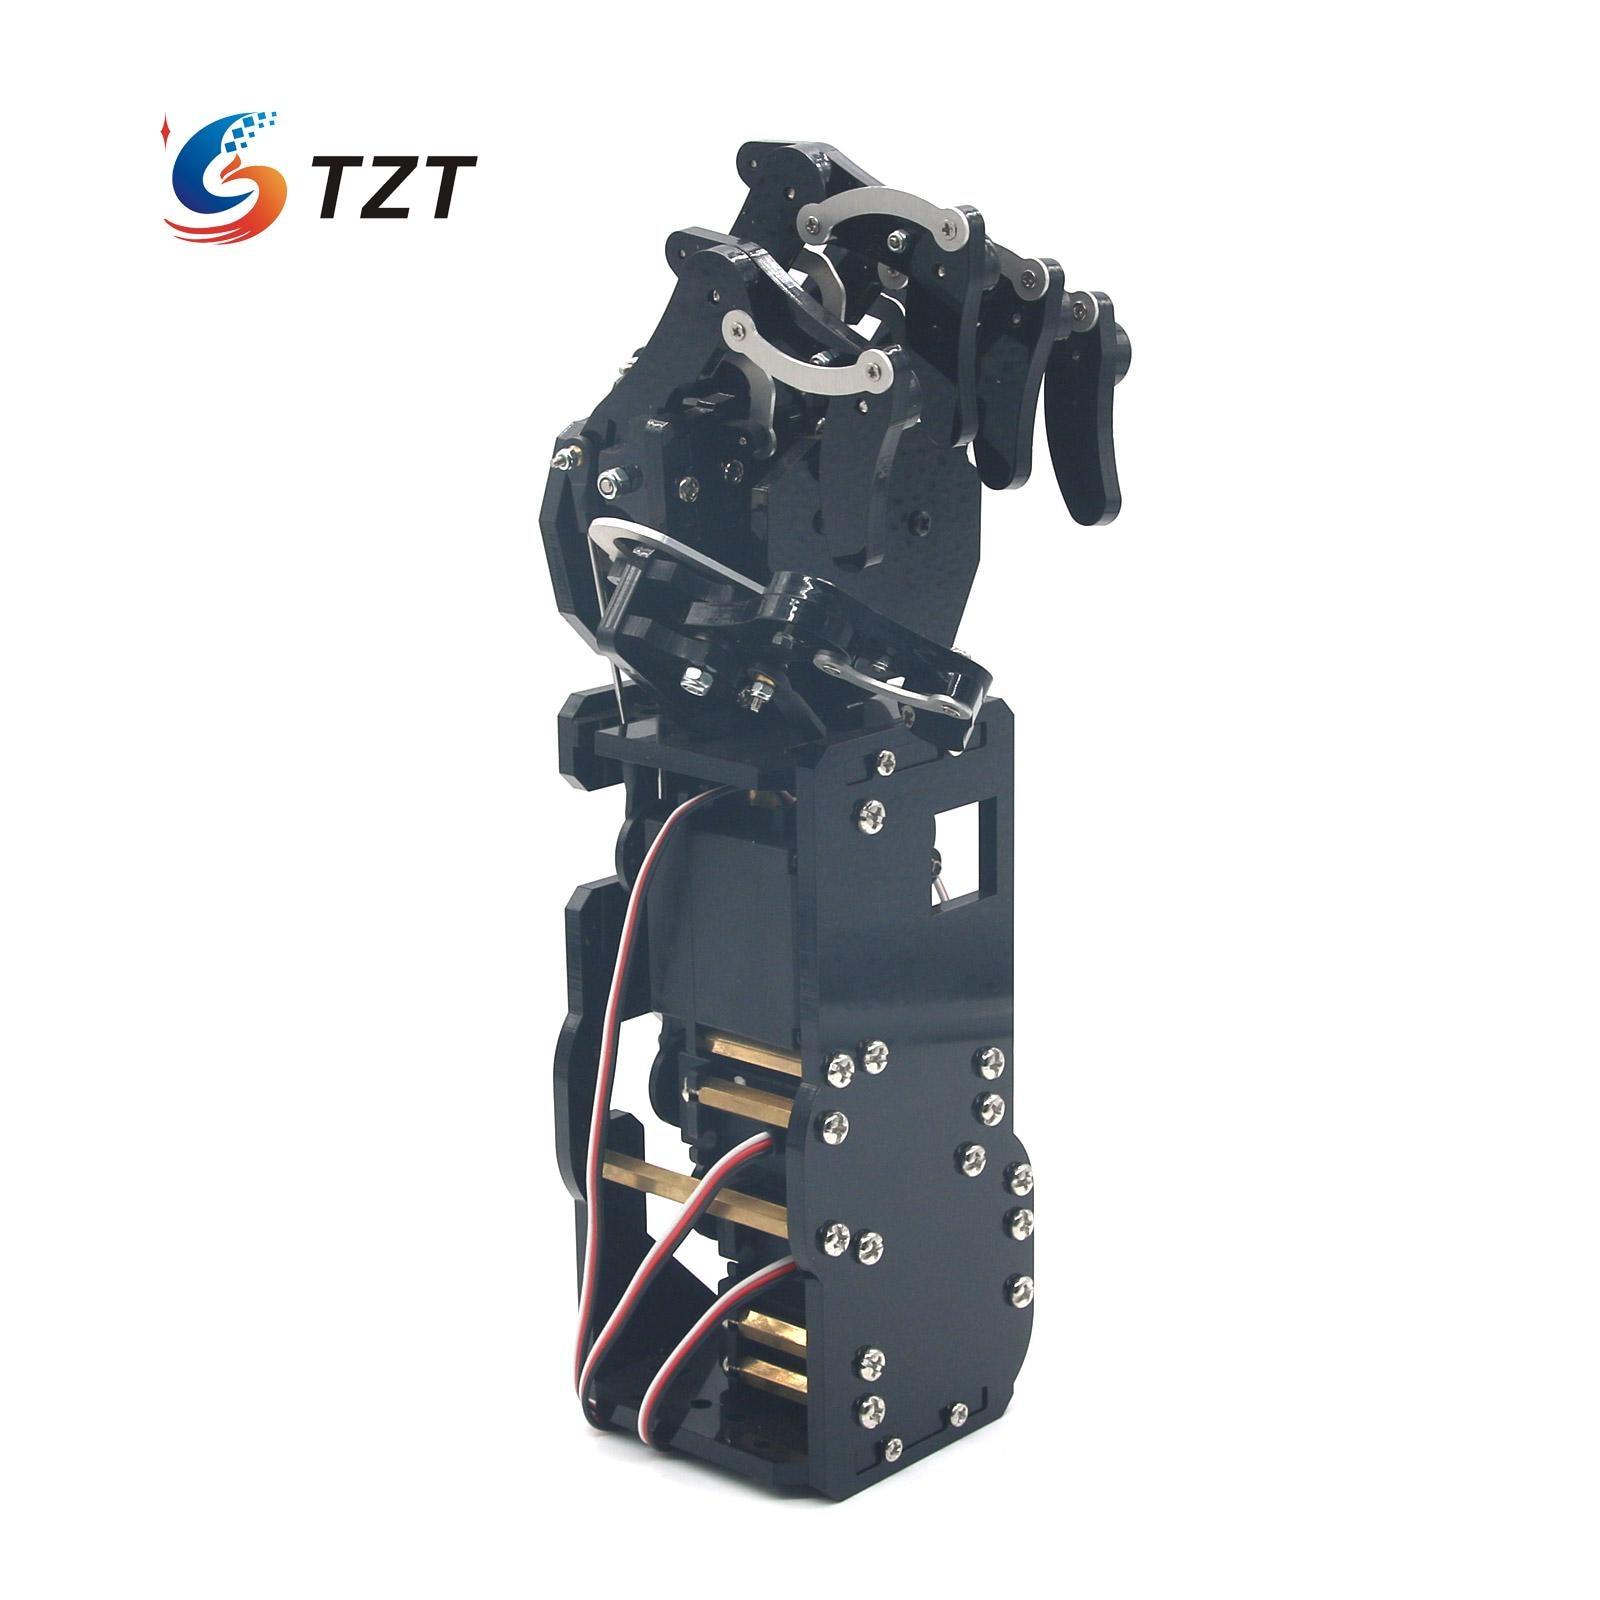 Robot Mécanique Bras Griffe Humanoïde Gauche Main Cinq Doigts avec Servos pour Robotique BRICOLAGE Assemblé